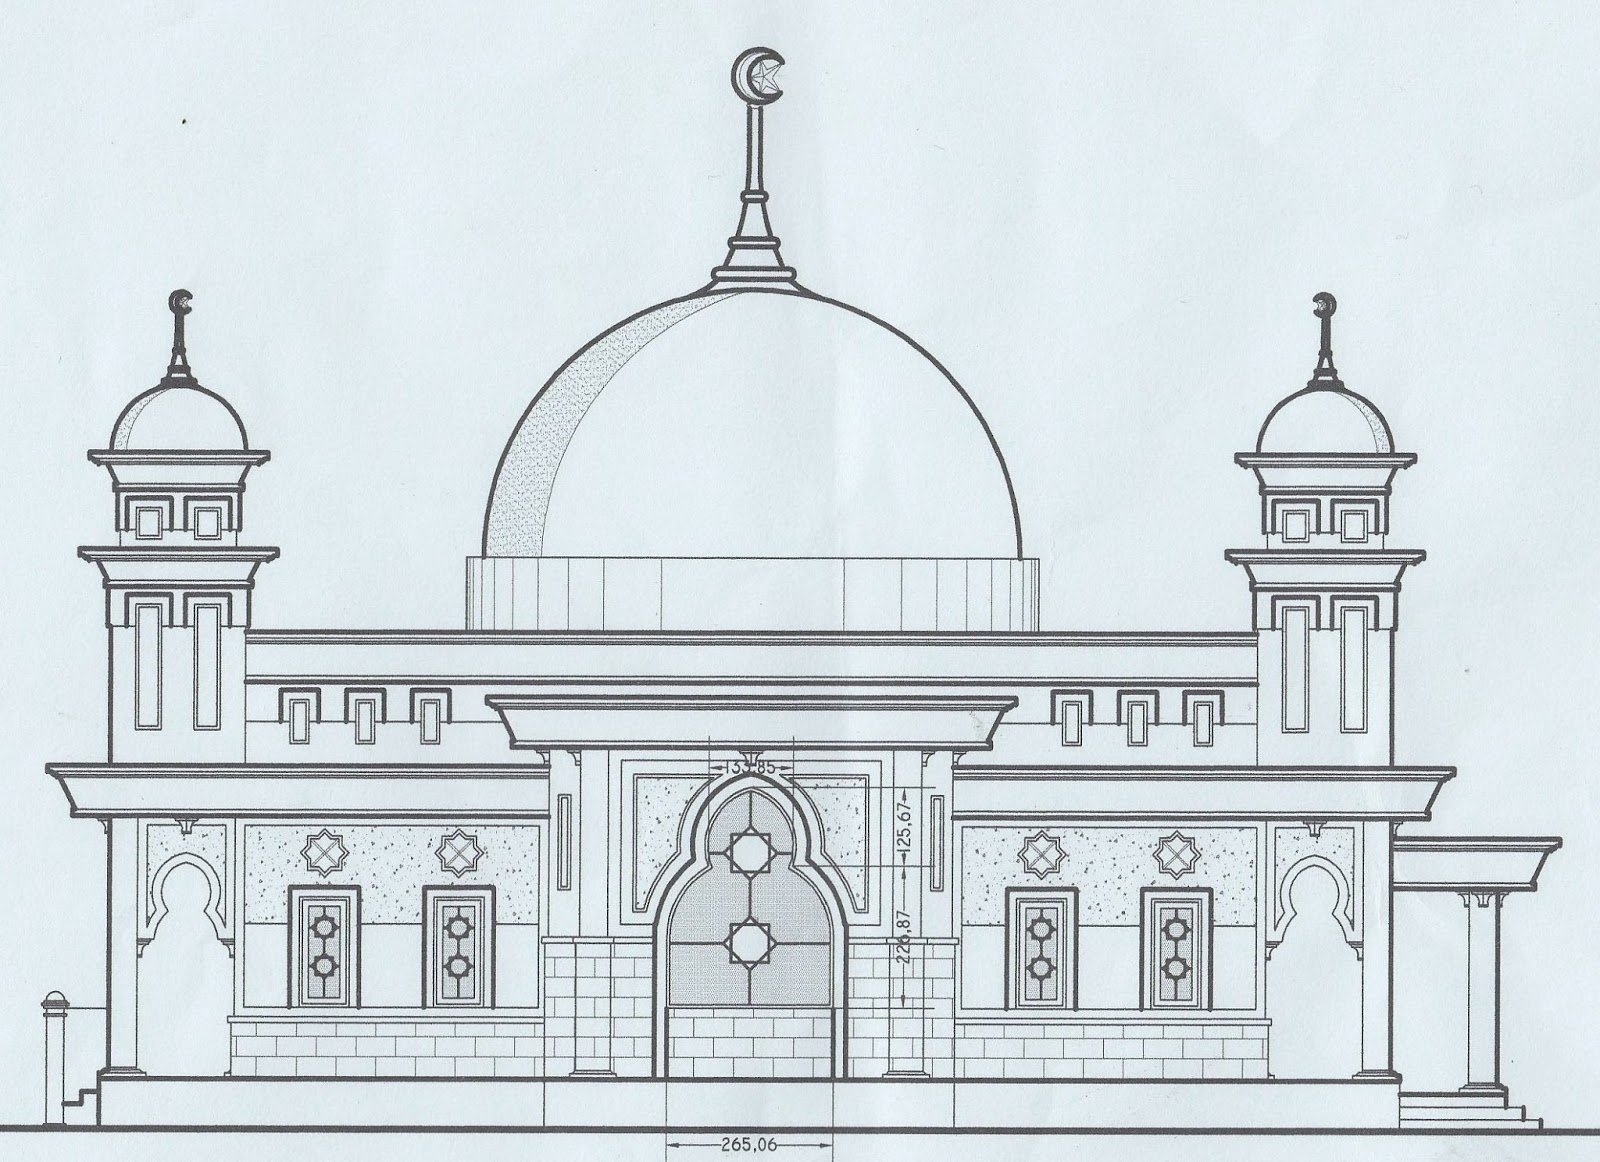 Gambar Kubah Masjid Animasi Nusagates